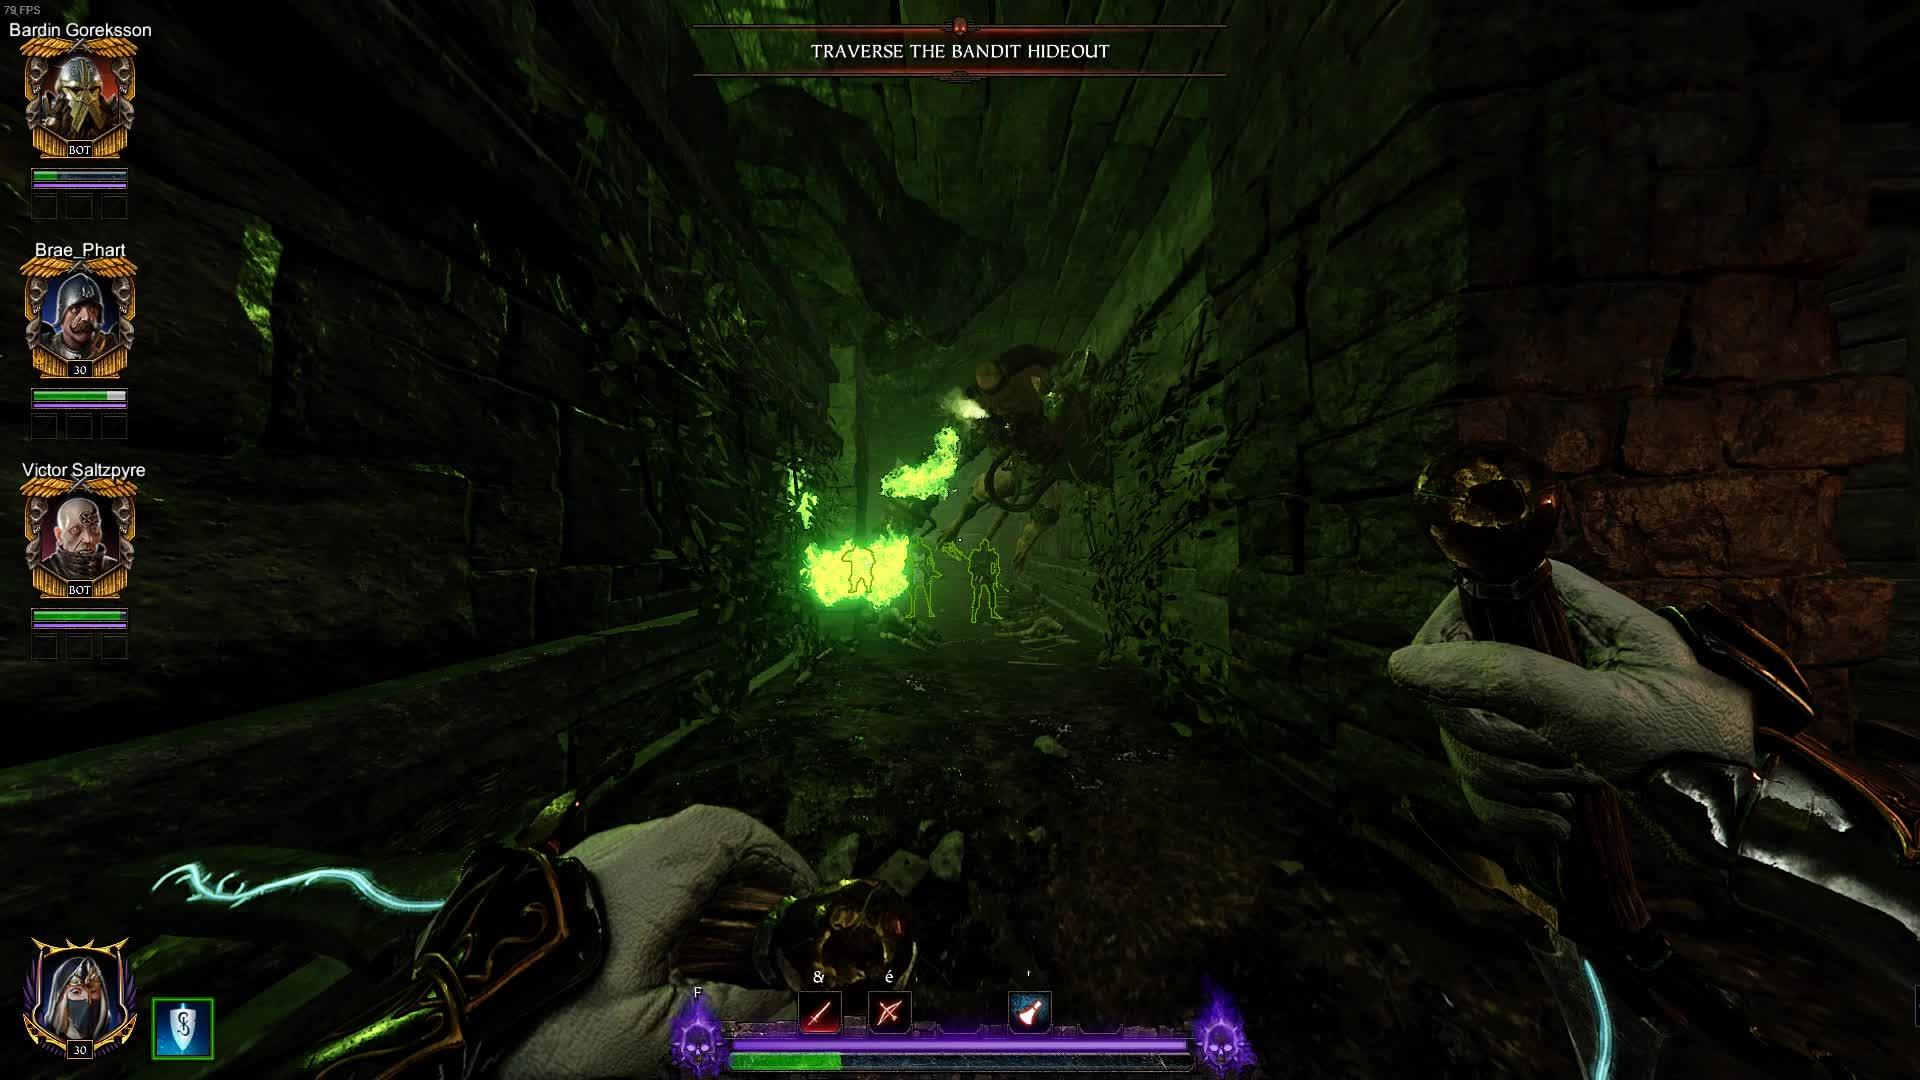 Stormfiend, Vermintide, Vermintide 2, Warhammer, Vermintide Stormfiend GIFs